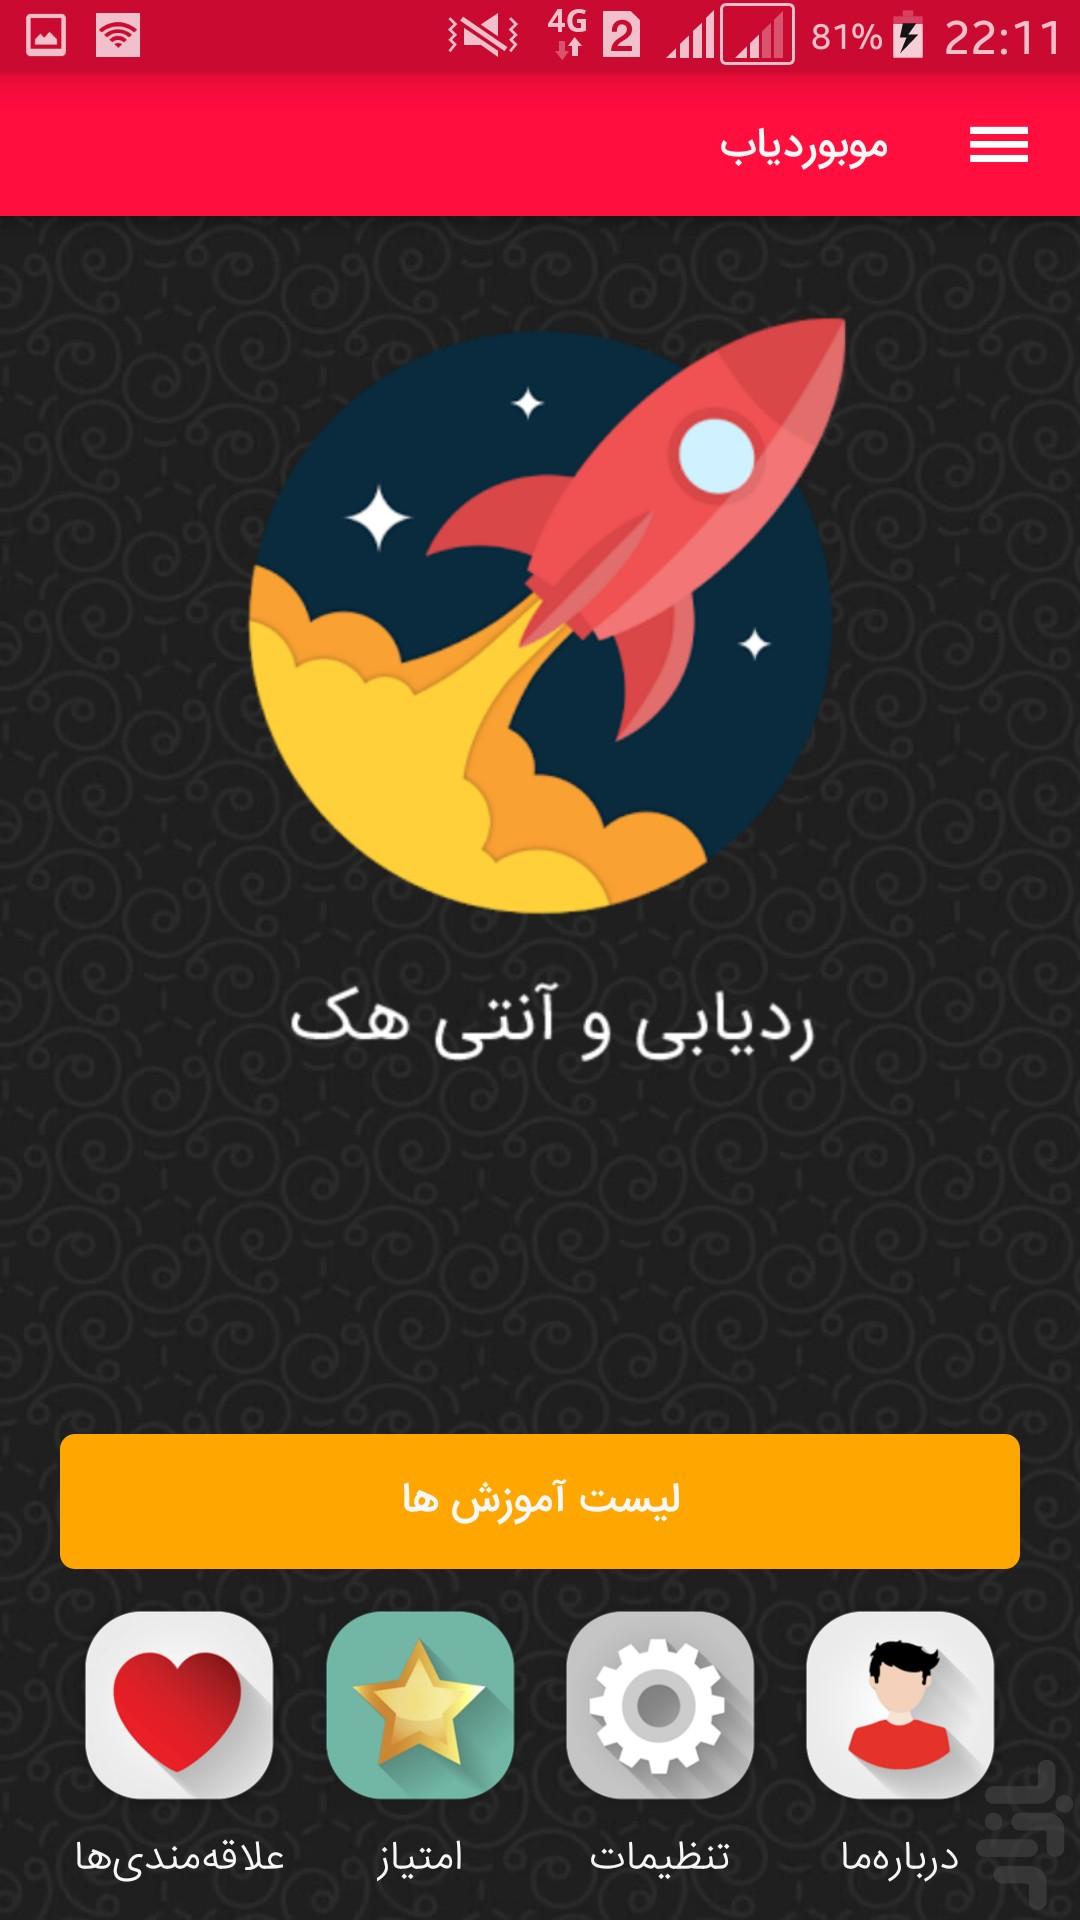 حرفه ایی ترین هک وای فای گلکسی s7 Скачать آنتی هک وای فای.تلگرام.اینستاگرام APK 1.0 для Андроид - другое скачать бесплатно.